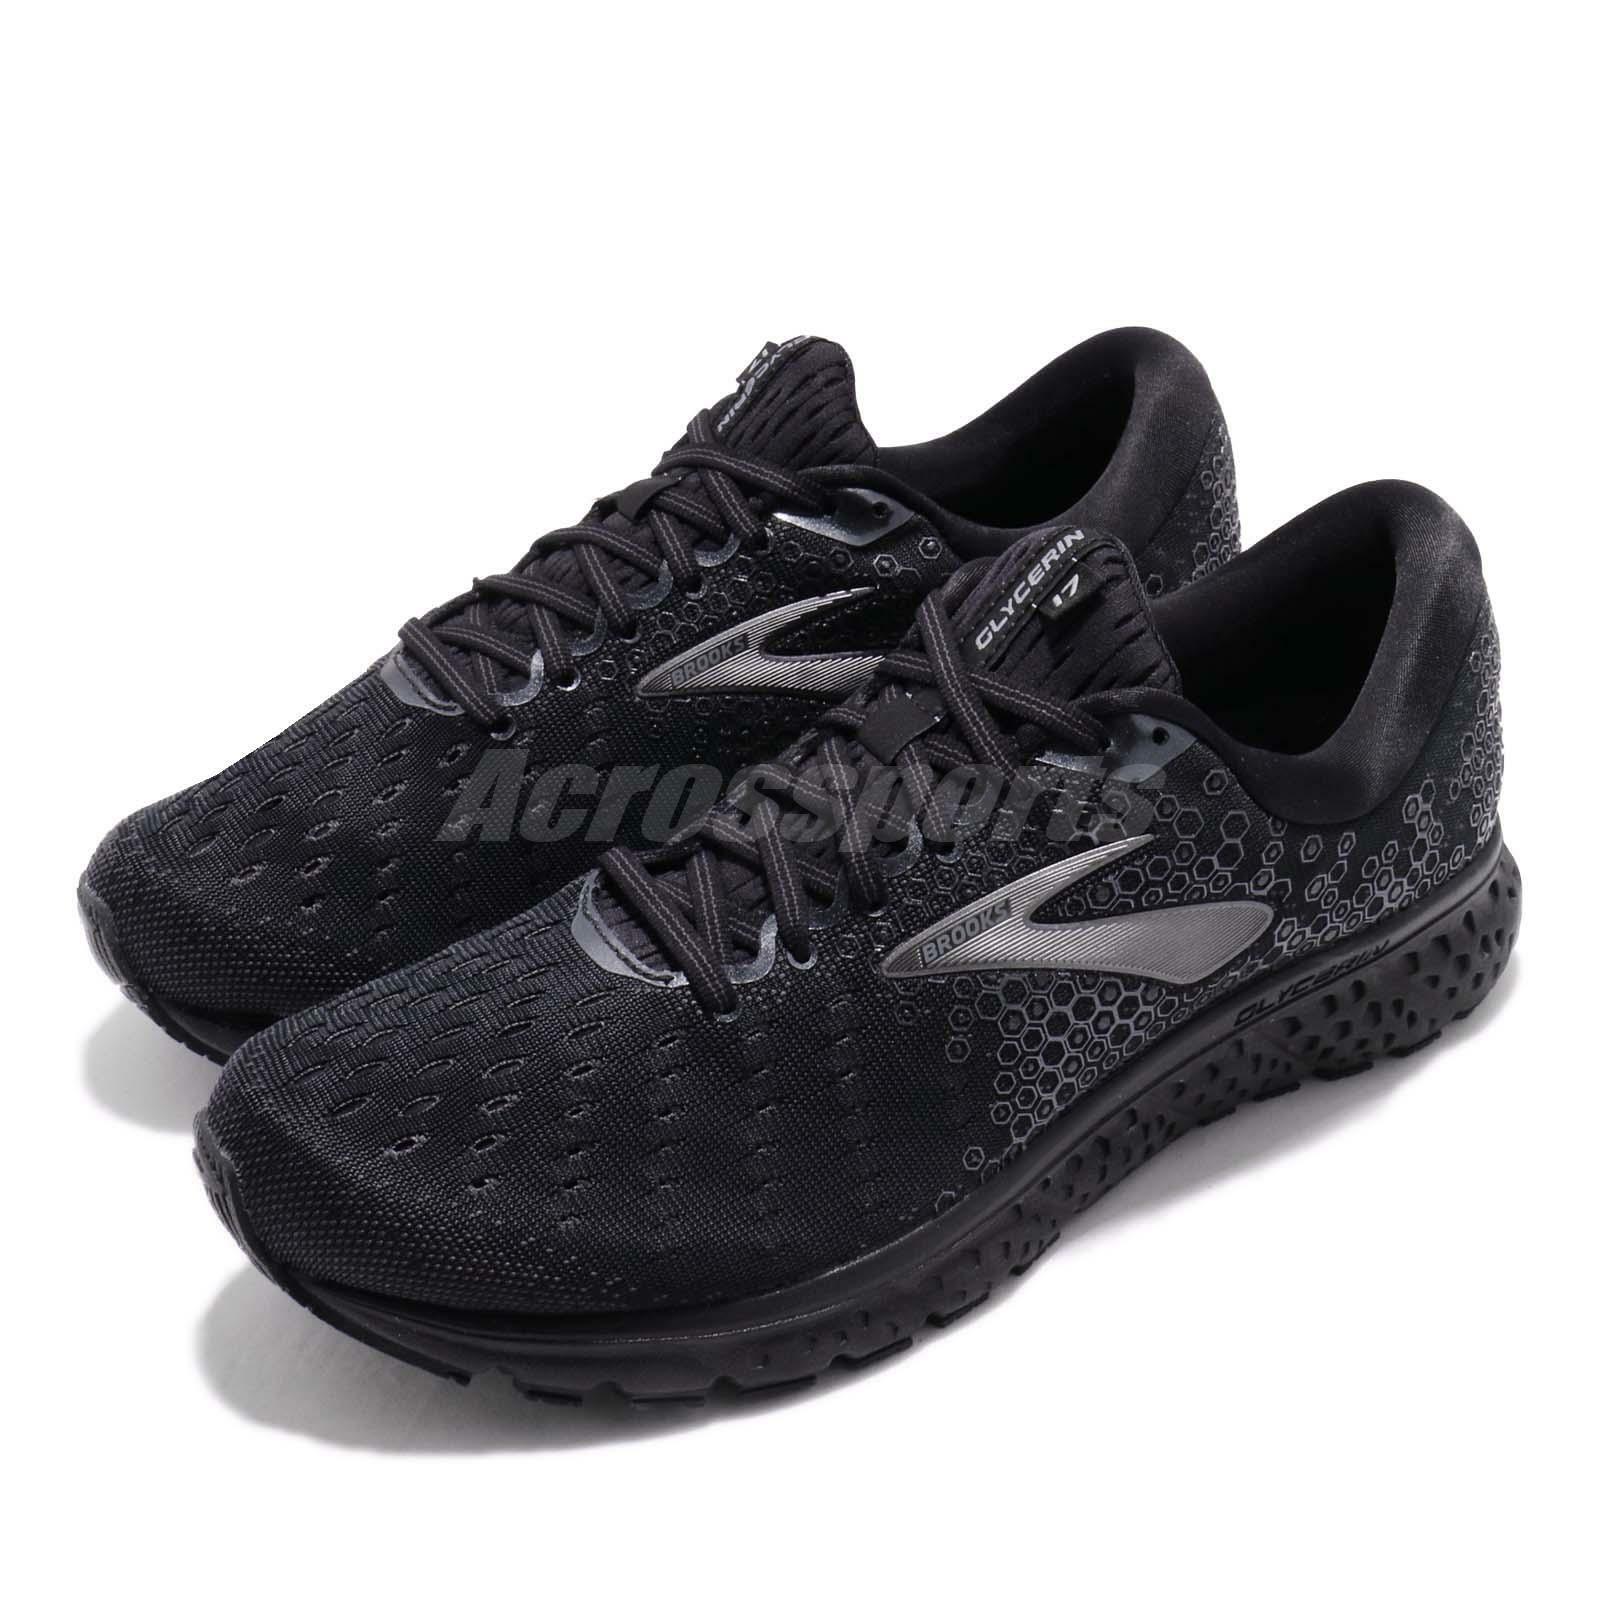 Brooks  Glycerin 17 2E Wide nero Ebony Men Running scarpe scarpe da ginnastica 110296 2E  nuovo stile